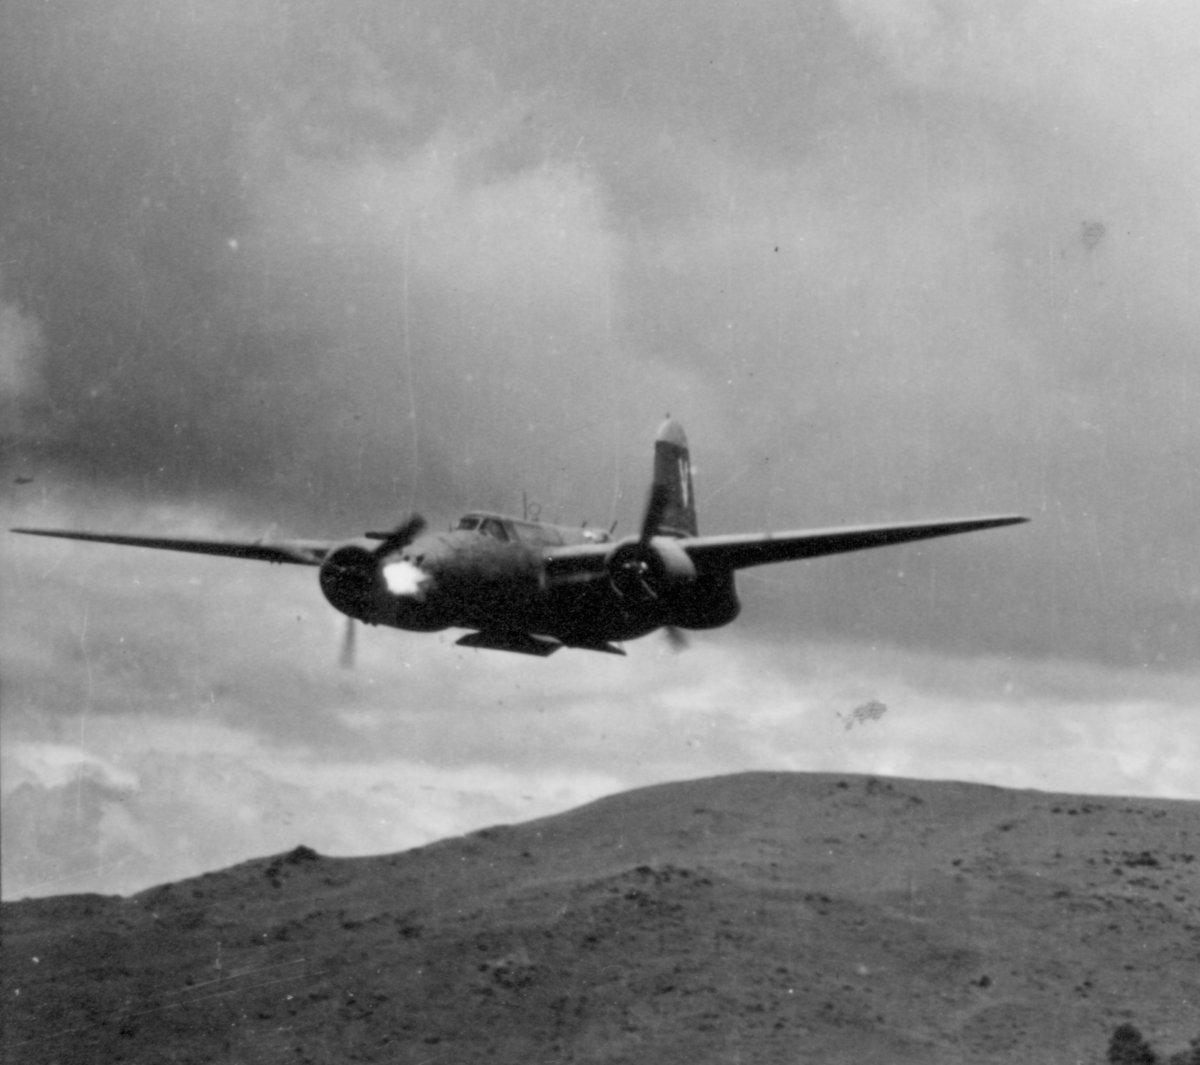 4 - Hollandia 90th Squadron A-20 - Robert Speith Collection Closeup.jpg